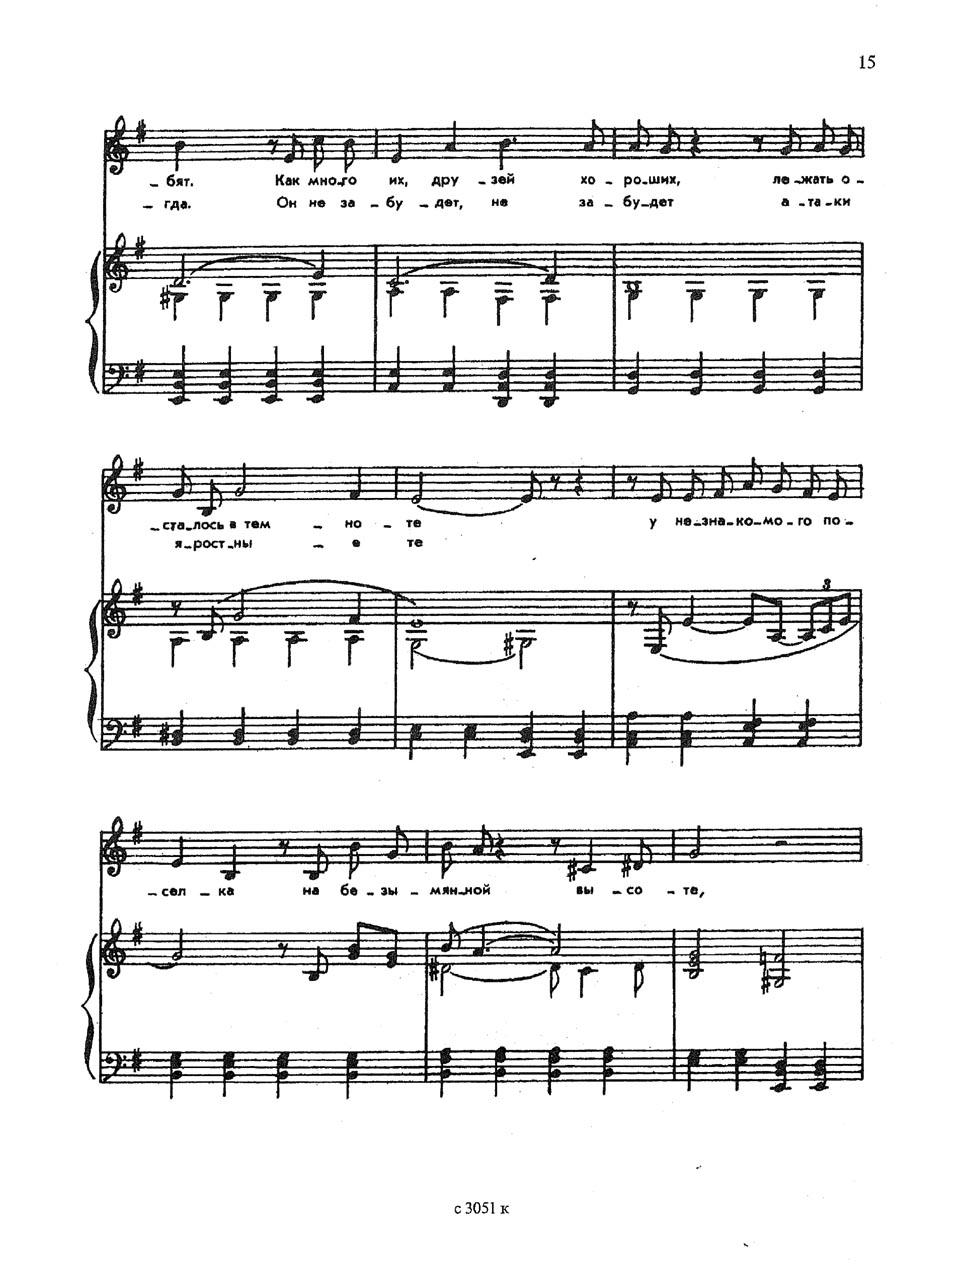 В. Баснер, М. Матусовский. «На безымянной высоте». Ноты для голоса в сопровождении фортепиано